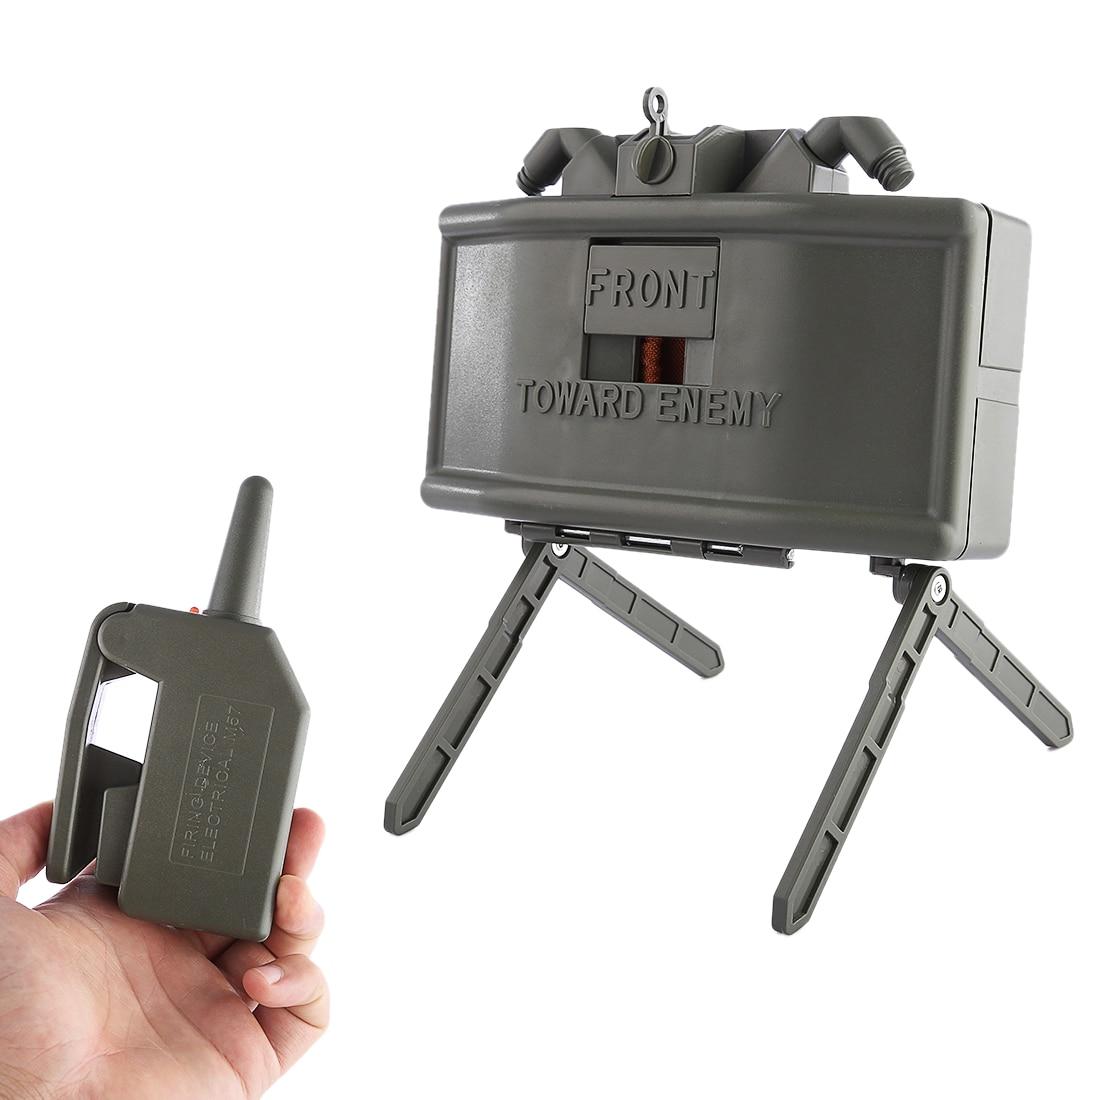 جهاز تحكم عن بعد كهربائي Claymore ، مشبك خرز ماء ، قنبلة رصاصة مائية خارجية ، معدات CS ، أخضر